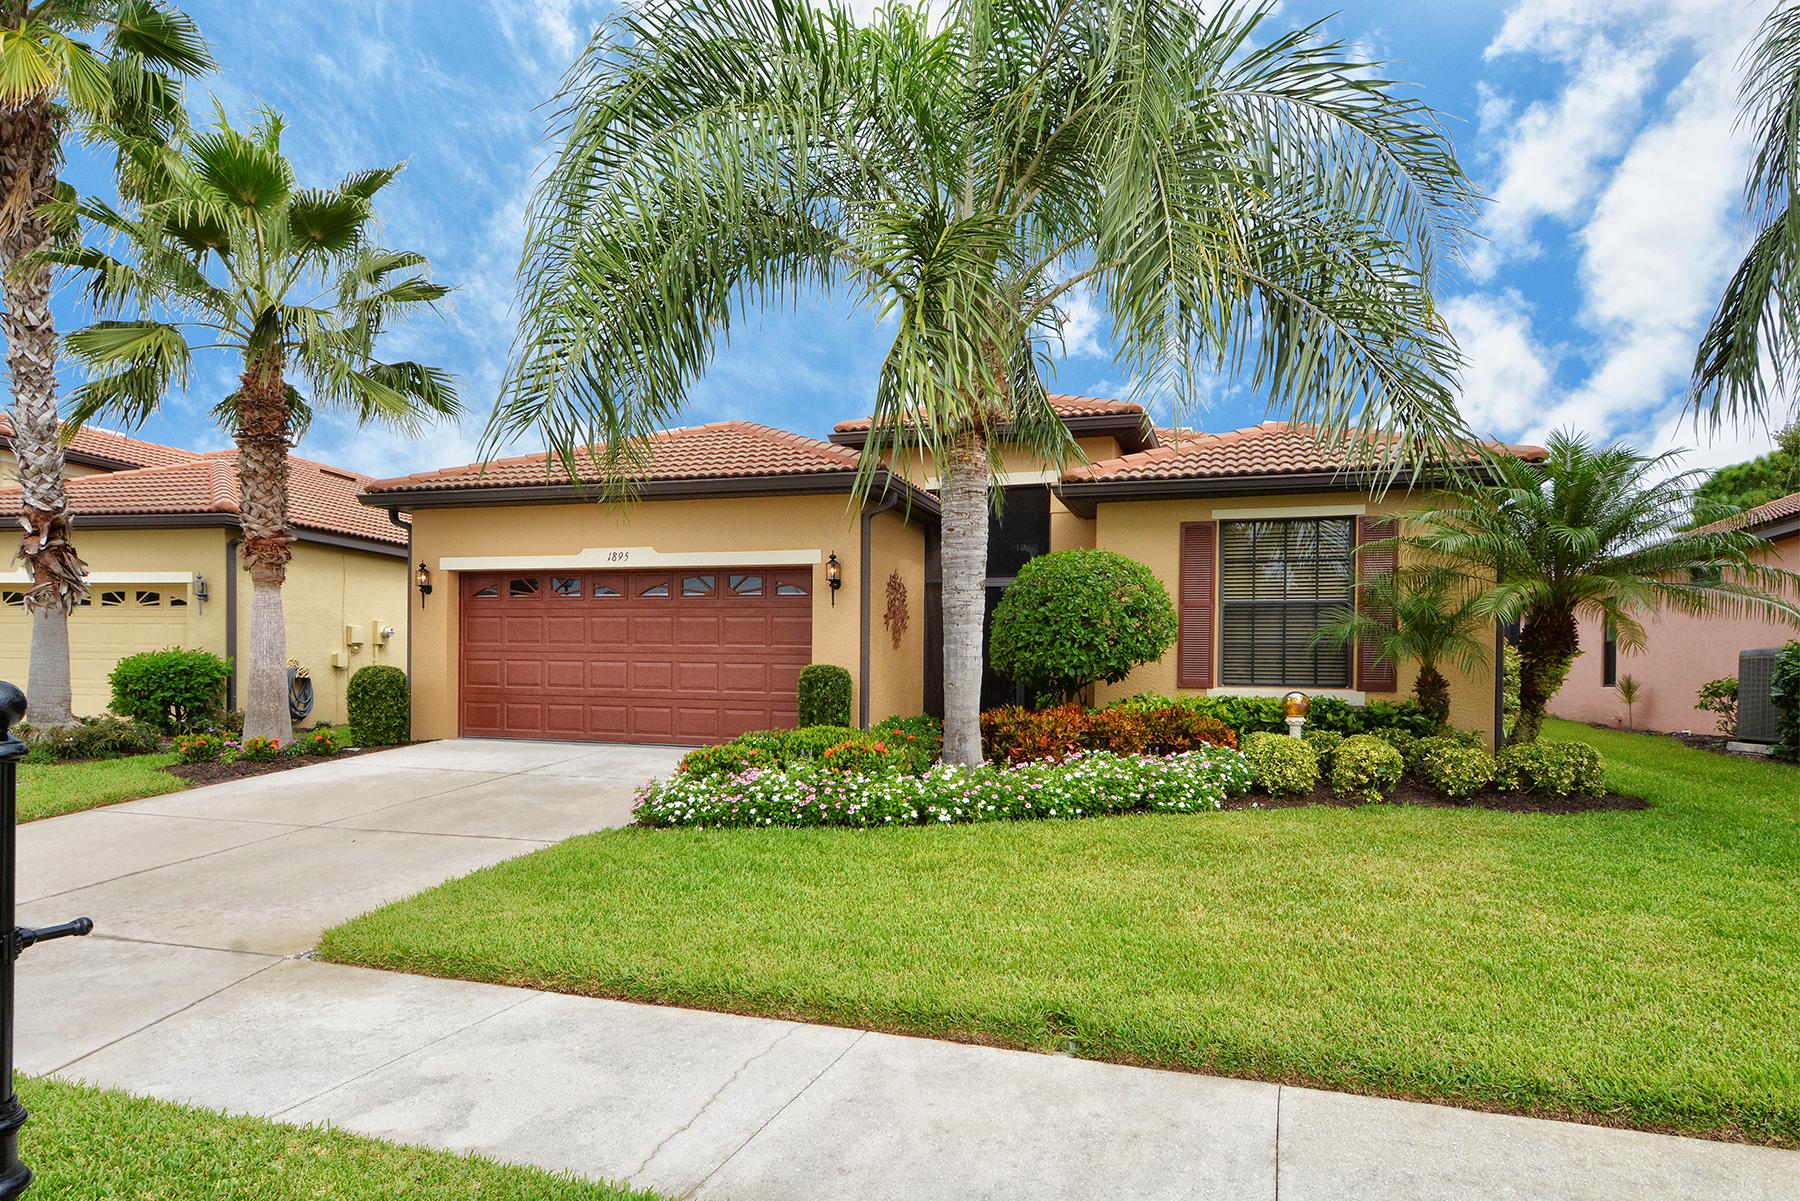 独户住宅 为 销售 在 VENETIAN FALLS 1895 Batello Dr 威尼斯, 佛罗里达州, 34292 美国